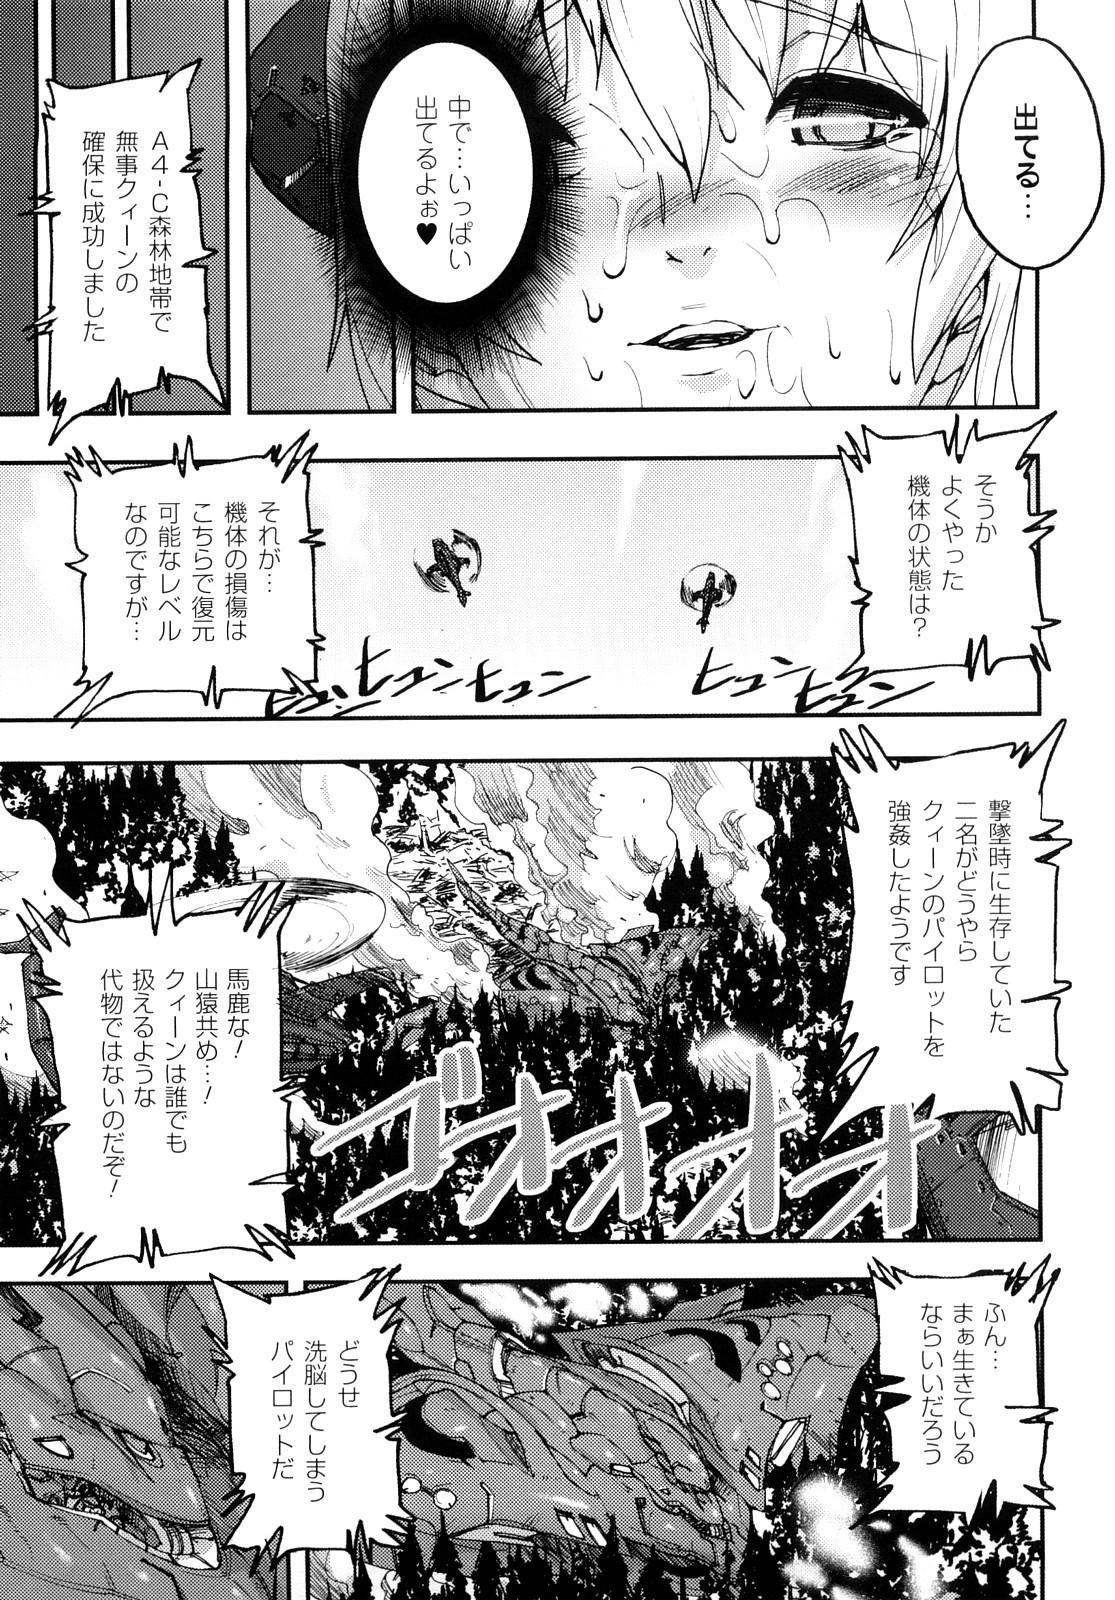 Cerberum no Hitsugi Haitoku no Hanmegami - The Coffin of Cerebrum Immoral Demivenus 175